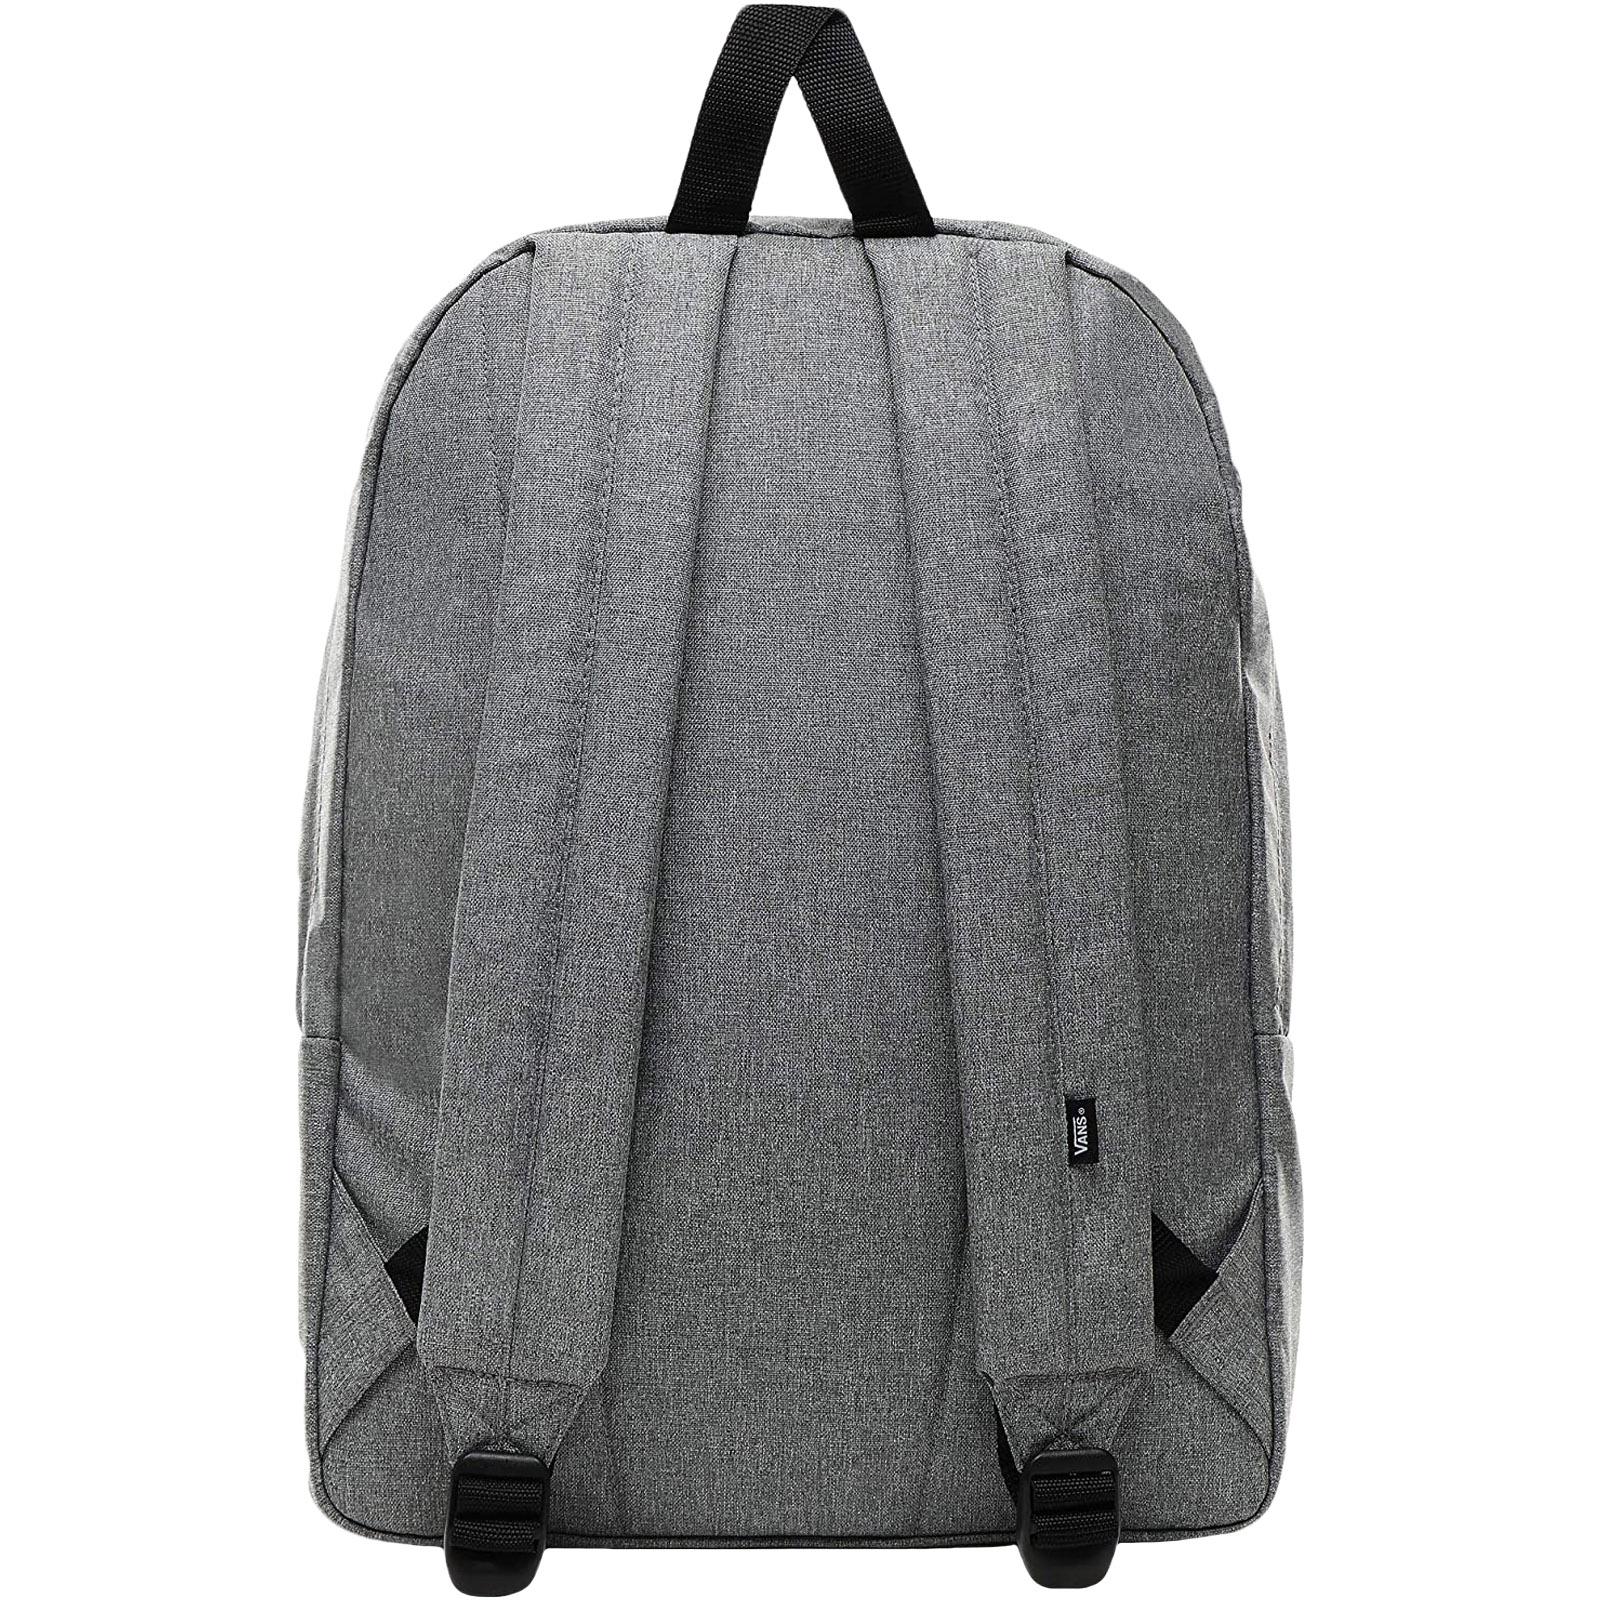 thumbnail 11 - Vans Adults Old Skool III School College Two Strap Backpack Rucksack Bag